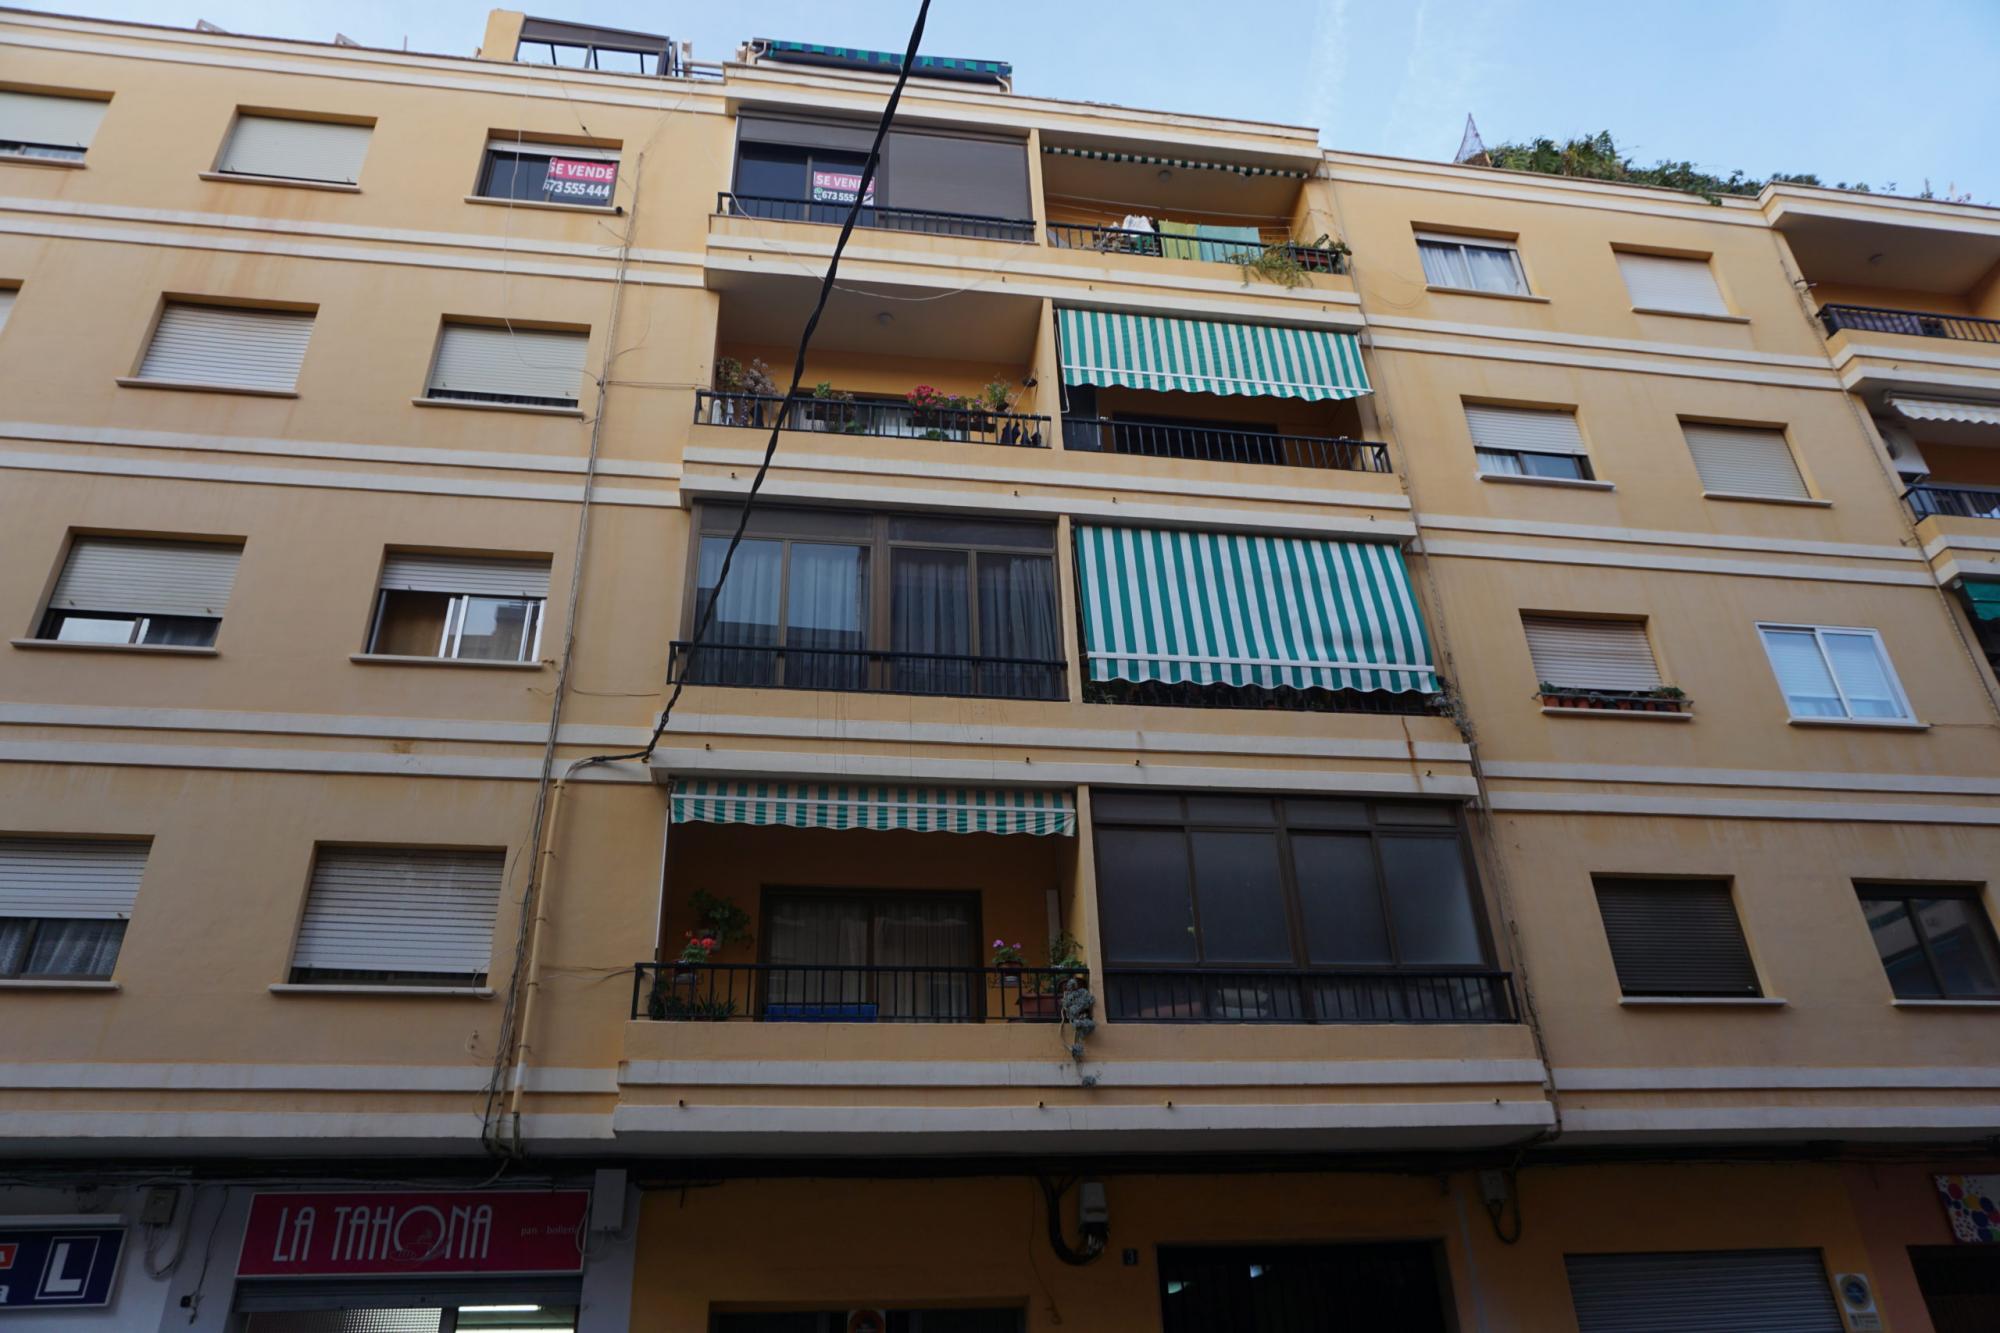 Piso en venta en Burriana (Castellón) zona piscinas